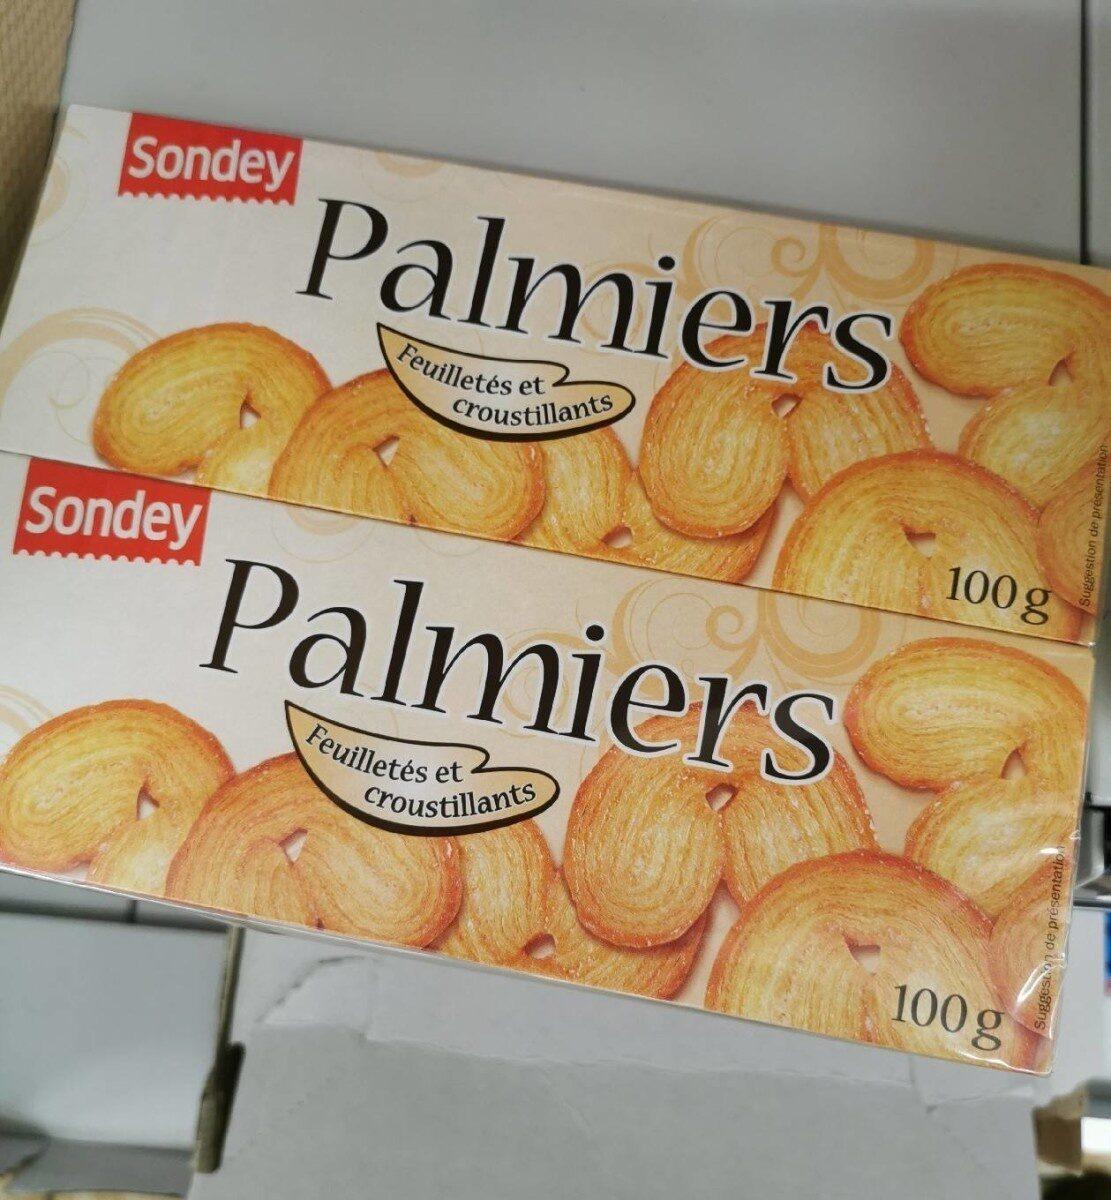 Palmiers biscuits feuilletés - Product - fr